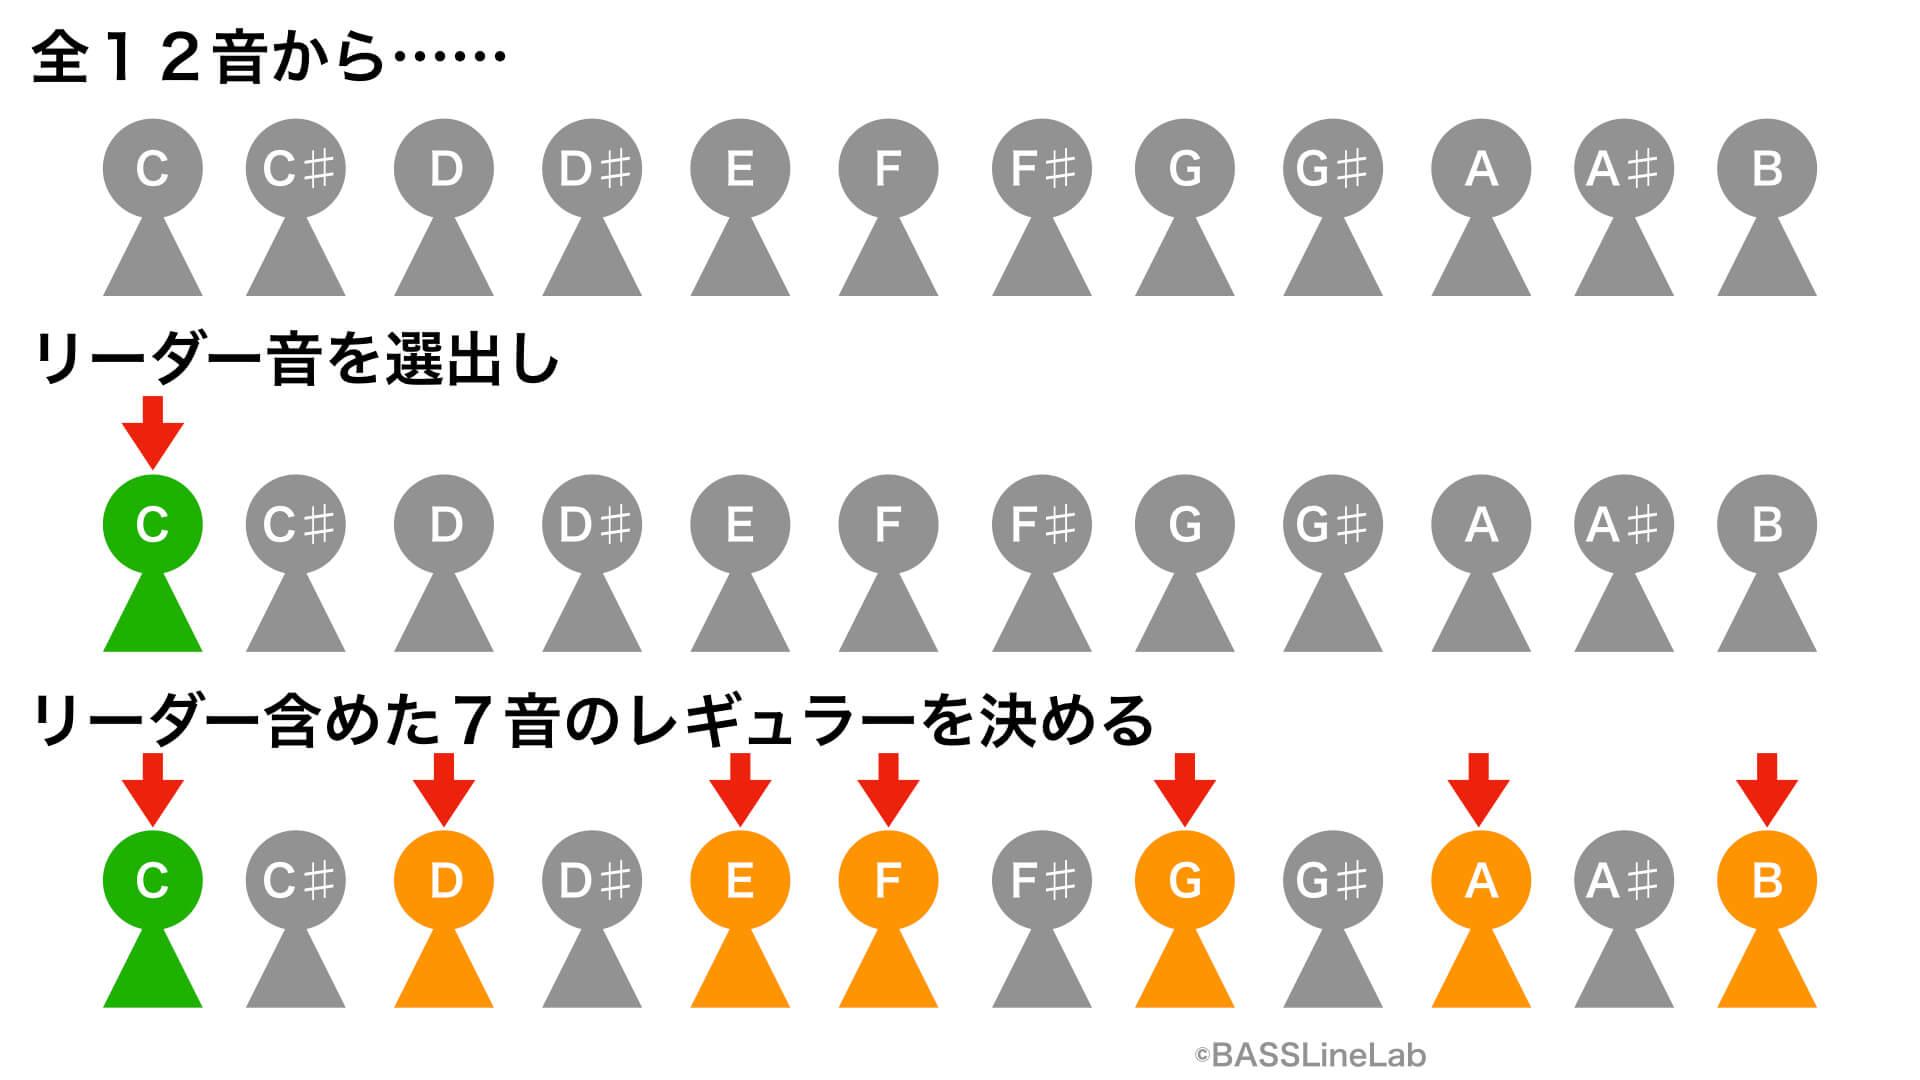 全12音からリーダー音を選出し、リーダーを含めた7音のレギュラーを決める。